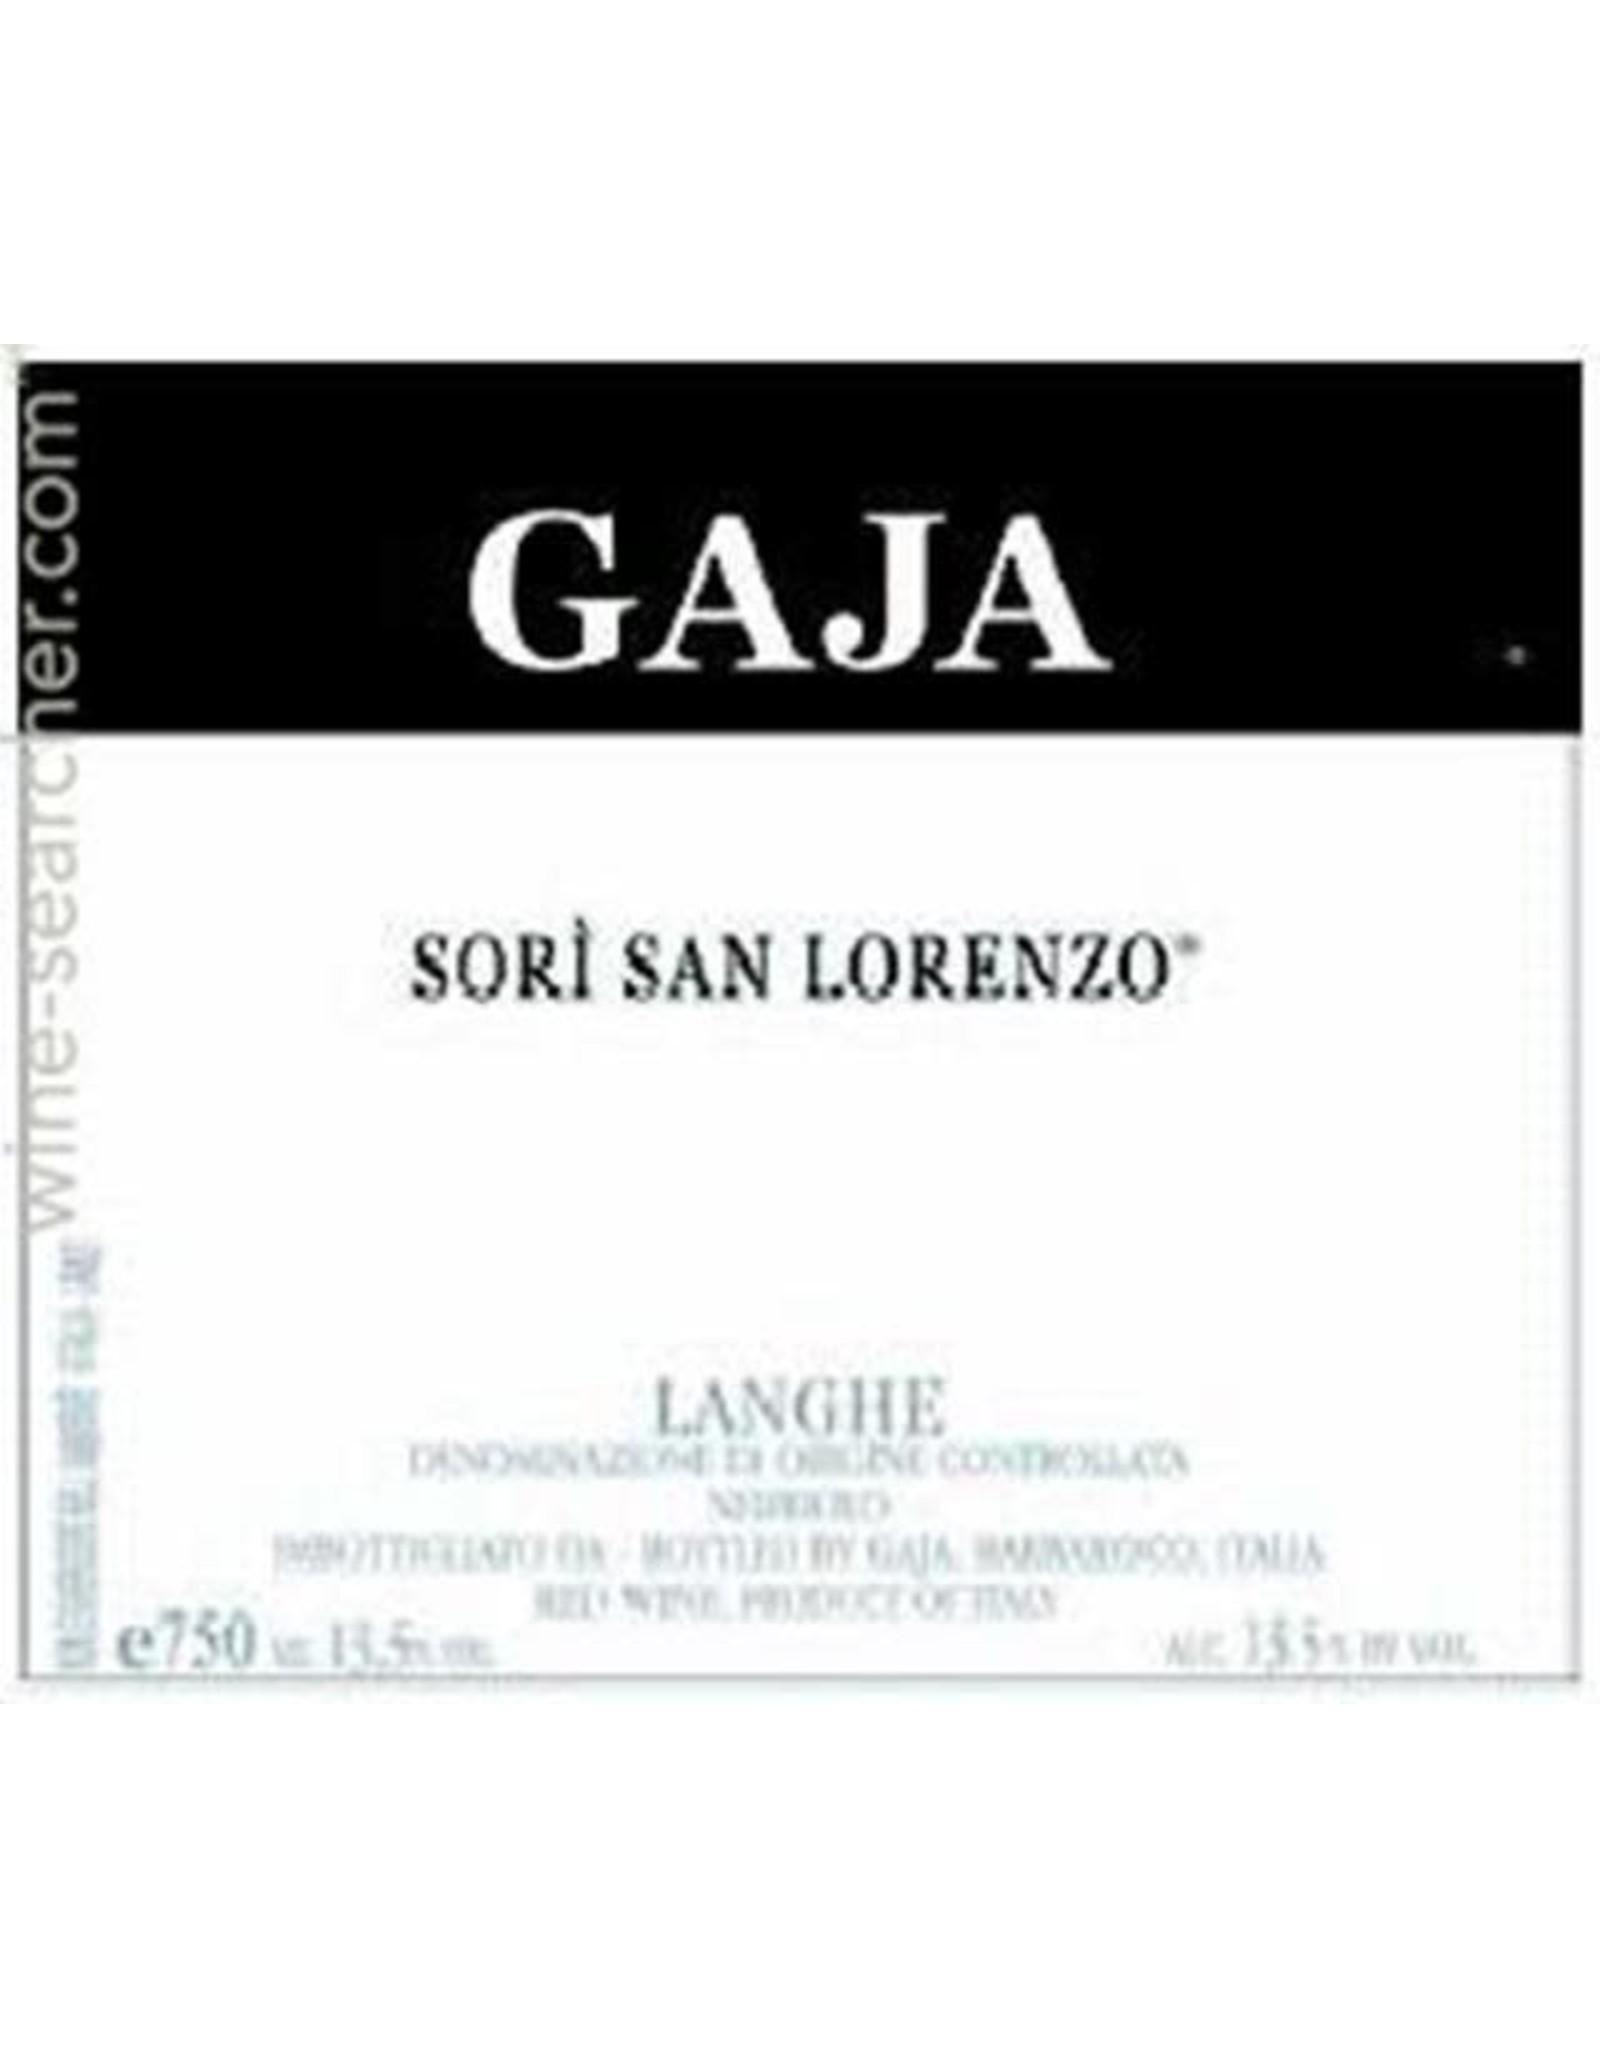 GAJA SORI SAN LORENZO 1993 750ML